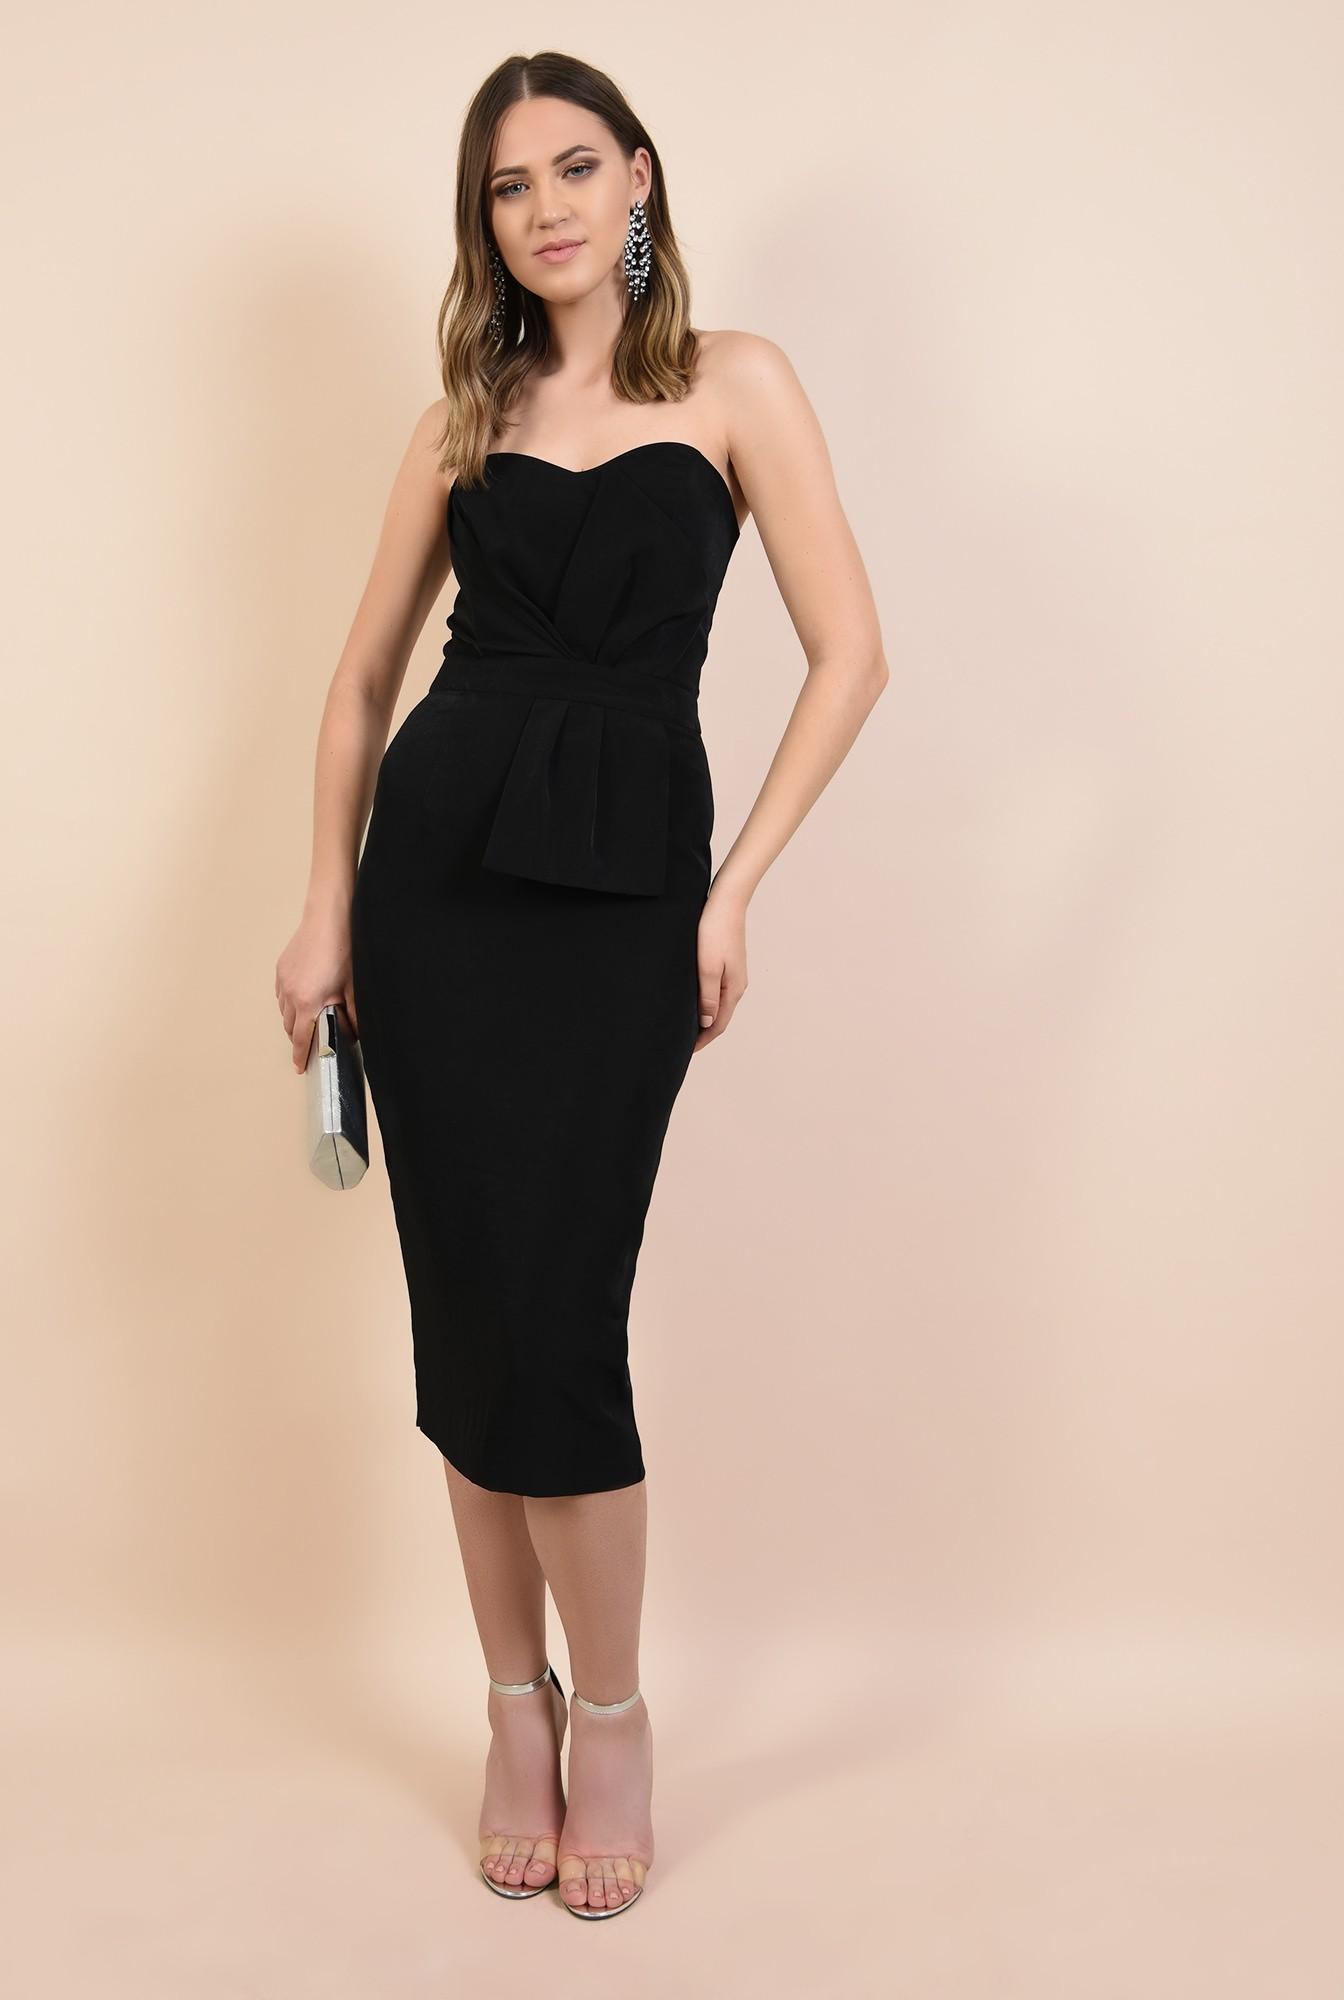 3 - rochie de seara, bodycon, croi conic, corset cu funda, neagra